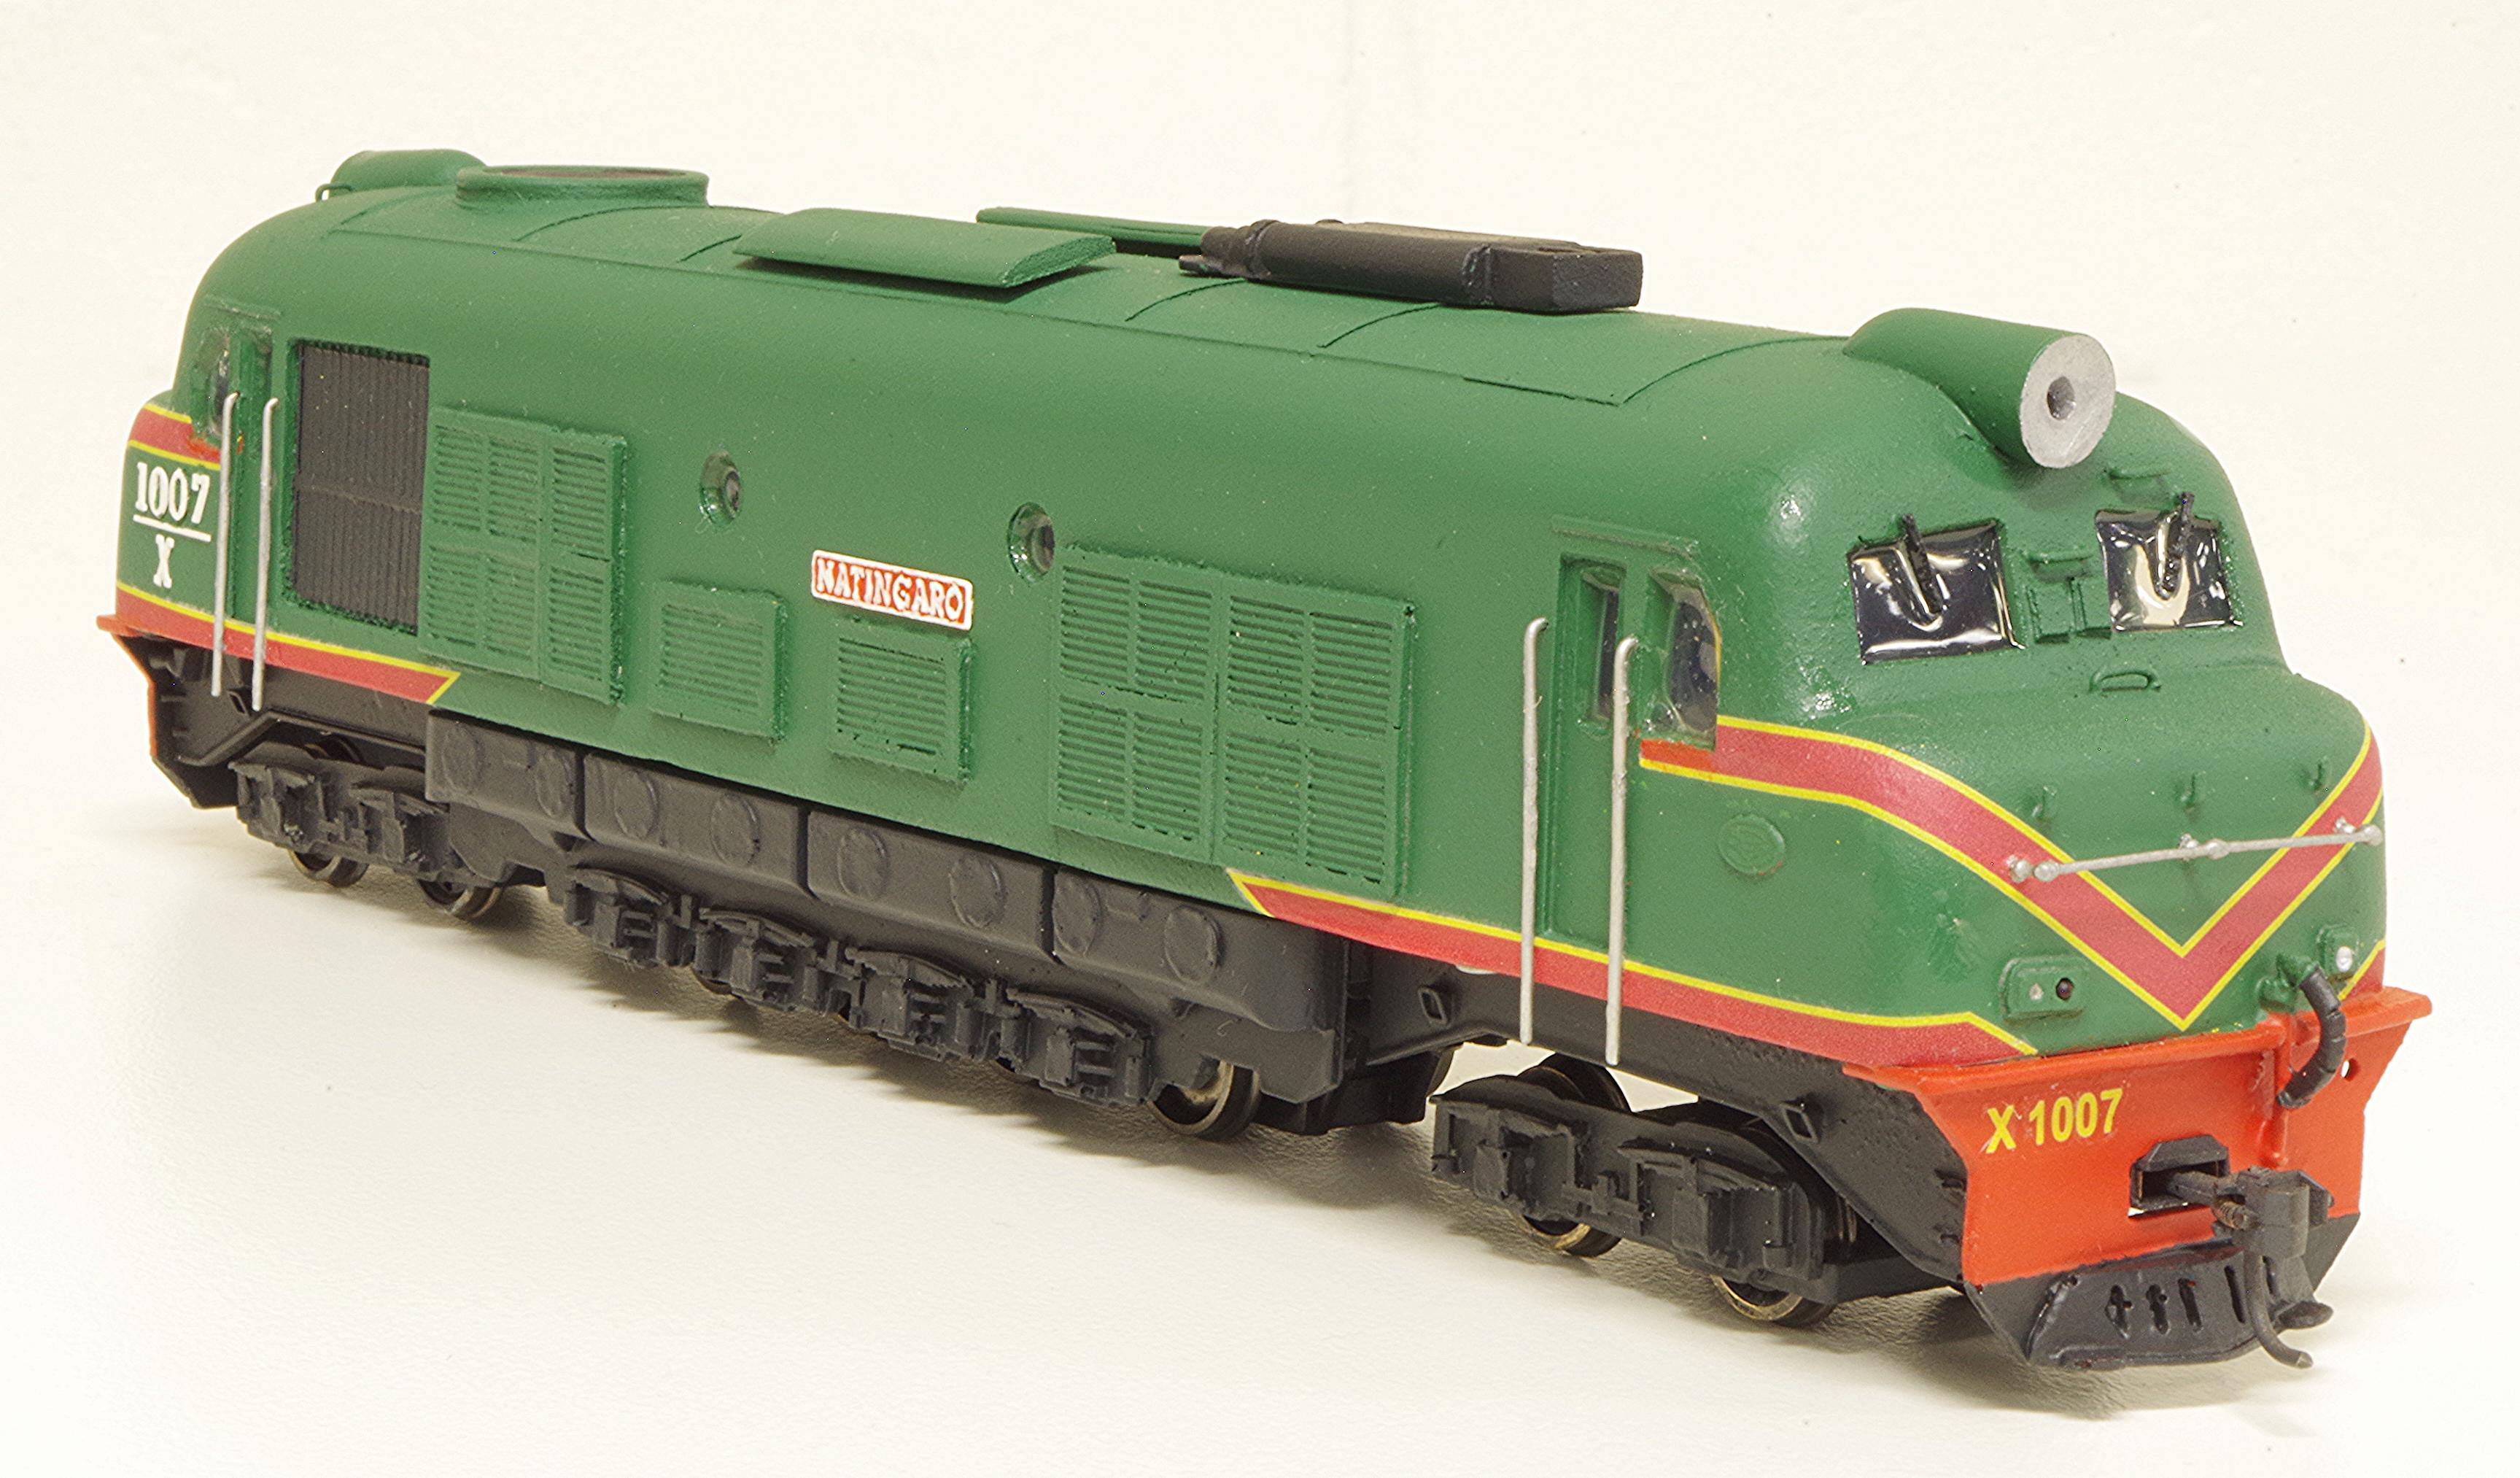 """Sn scale WAGR X Class X1007 """"NATINGARO"""""""